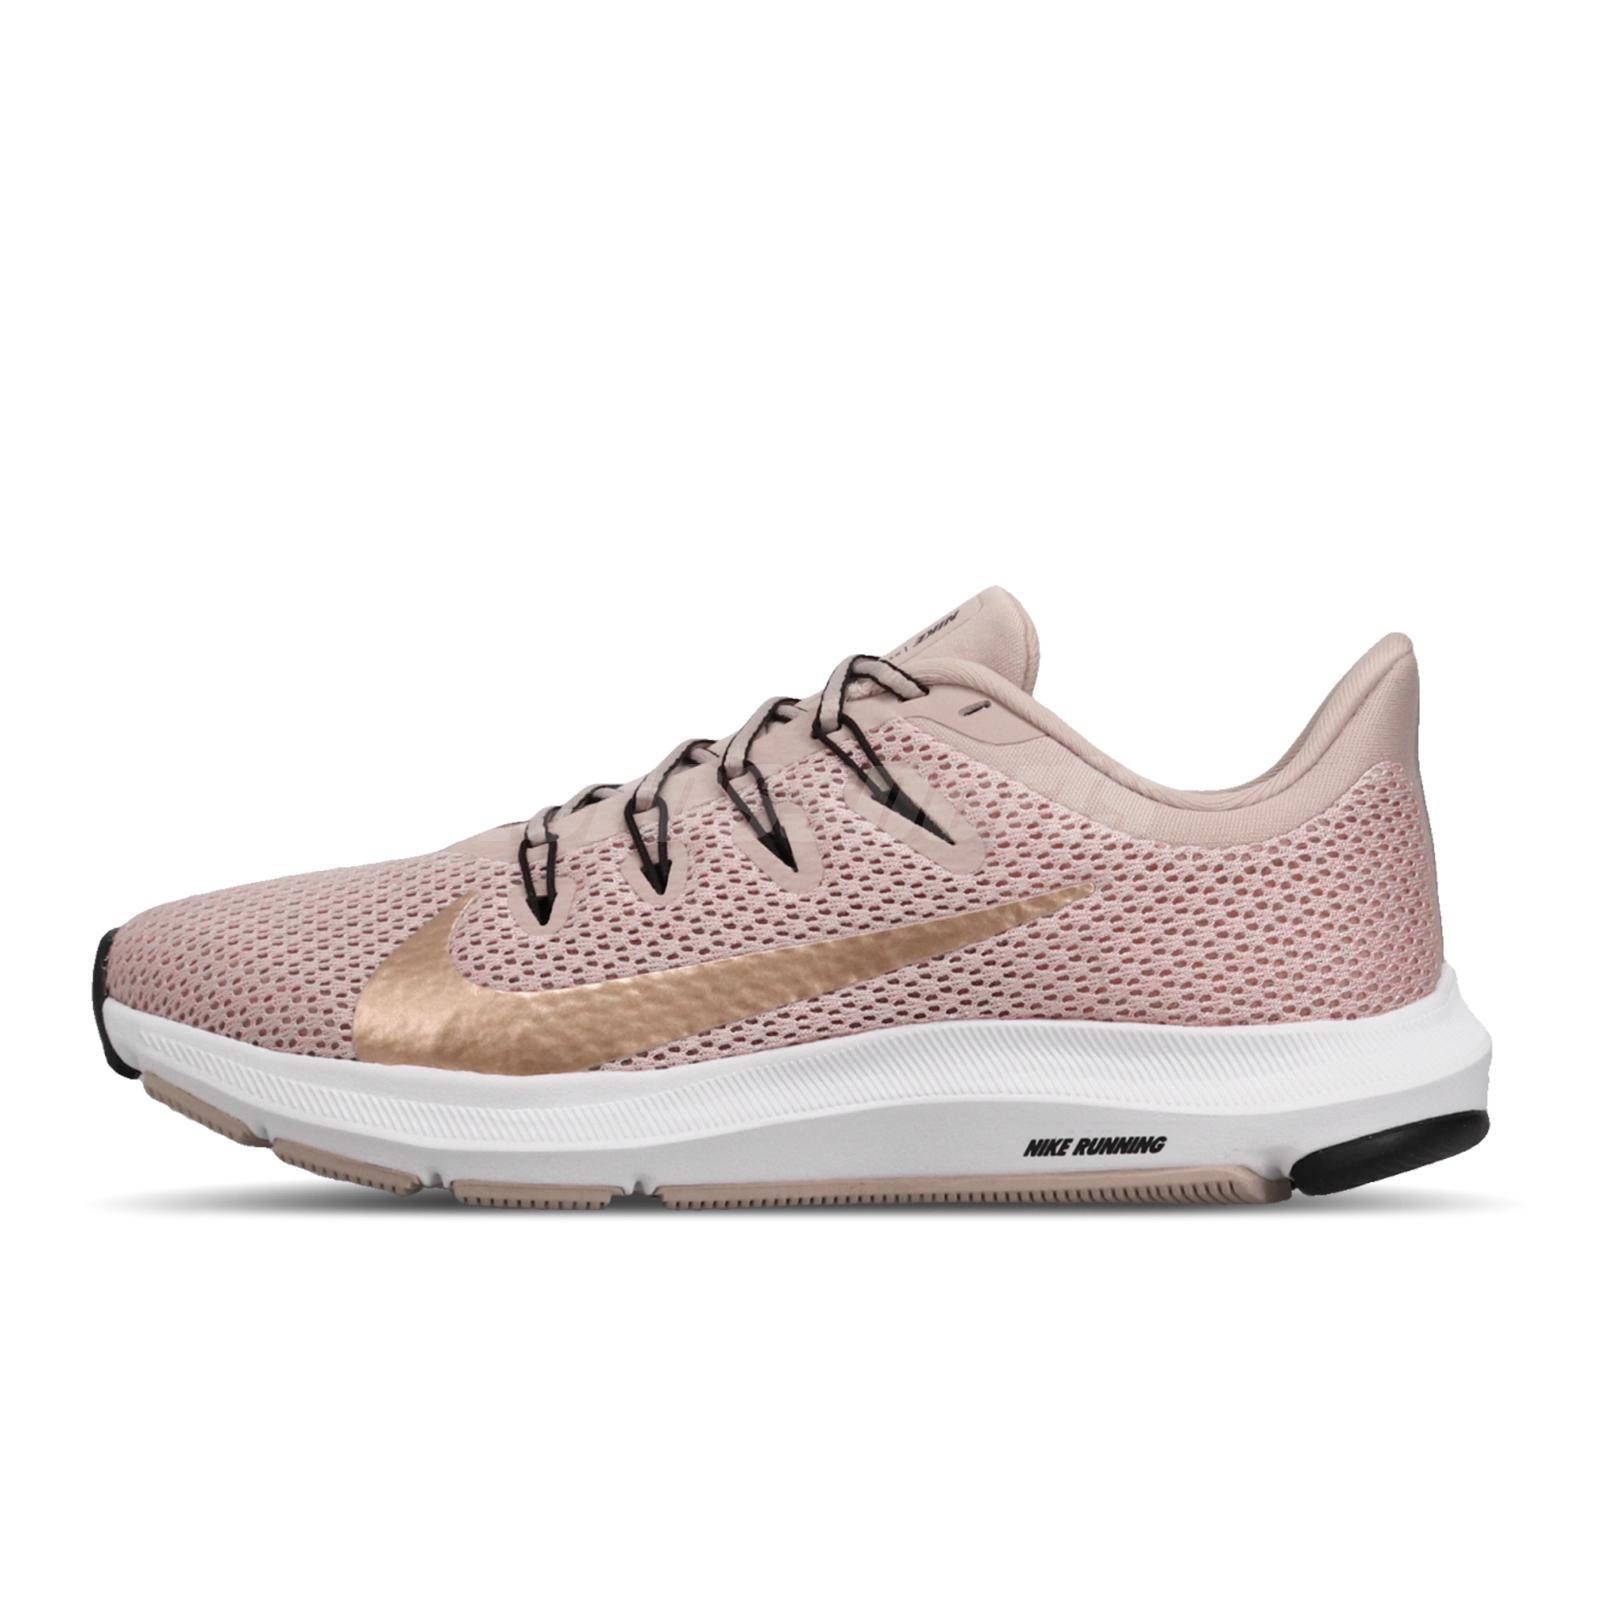 Nike Wmns Quest 2 Stone Mauve Pink